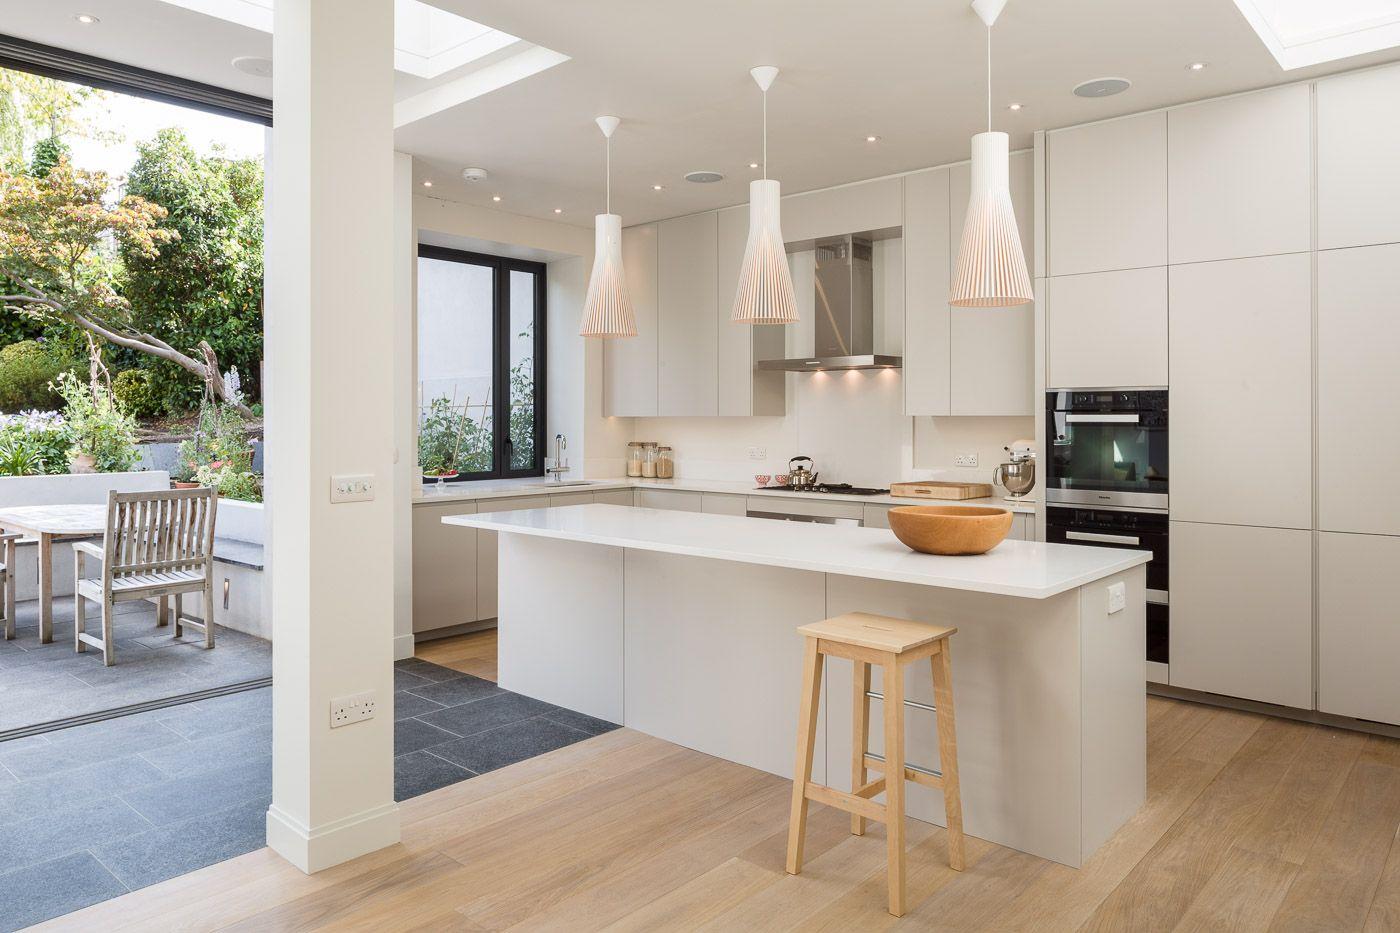 The Kitchen | Cocinas contemporaneas | Pinterest | Cocinas, Armario ...